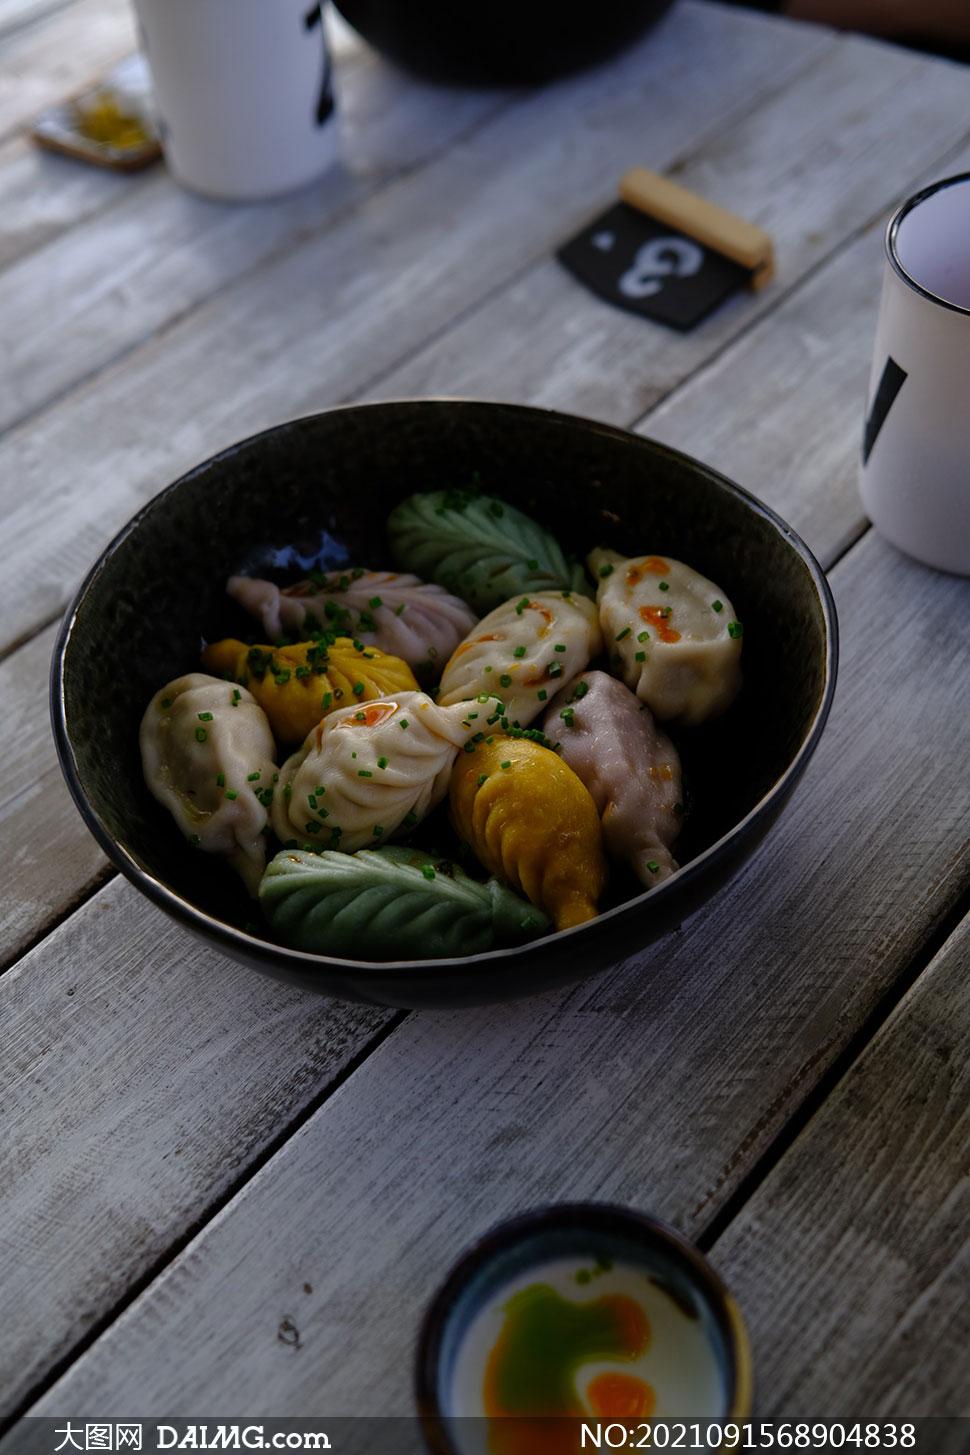 桌上碗里的柳叶包特写摄影高清图片